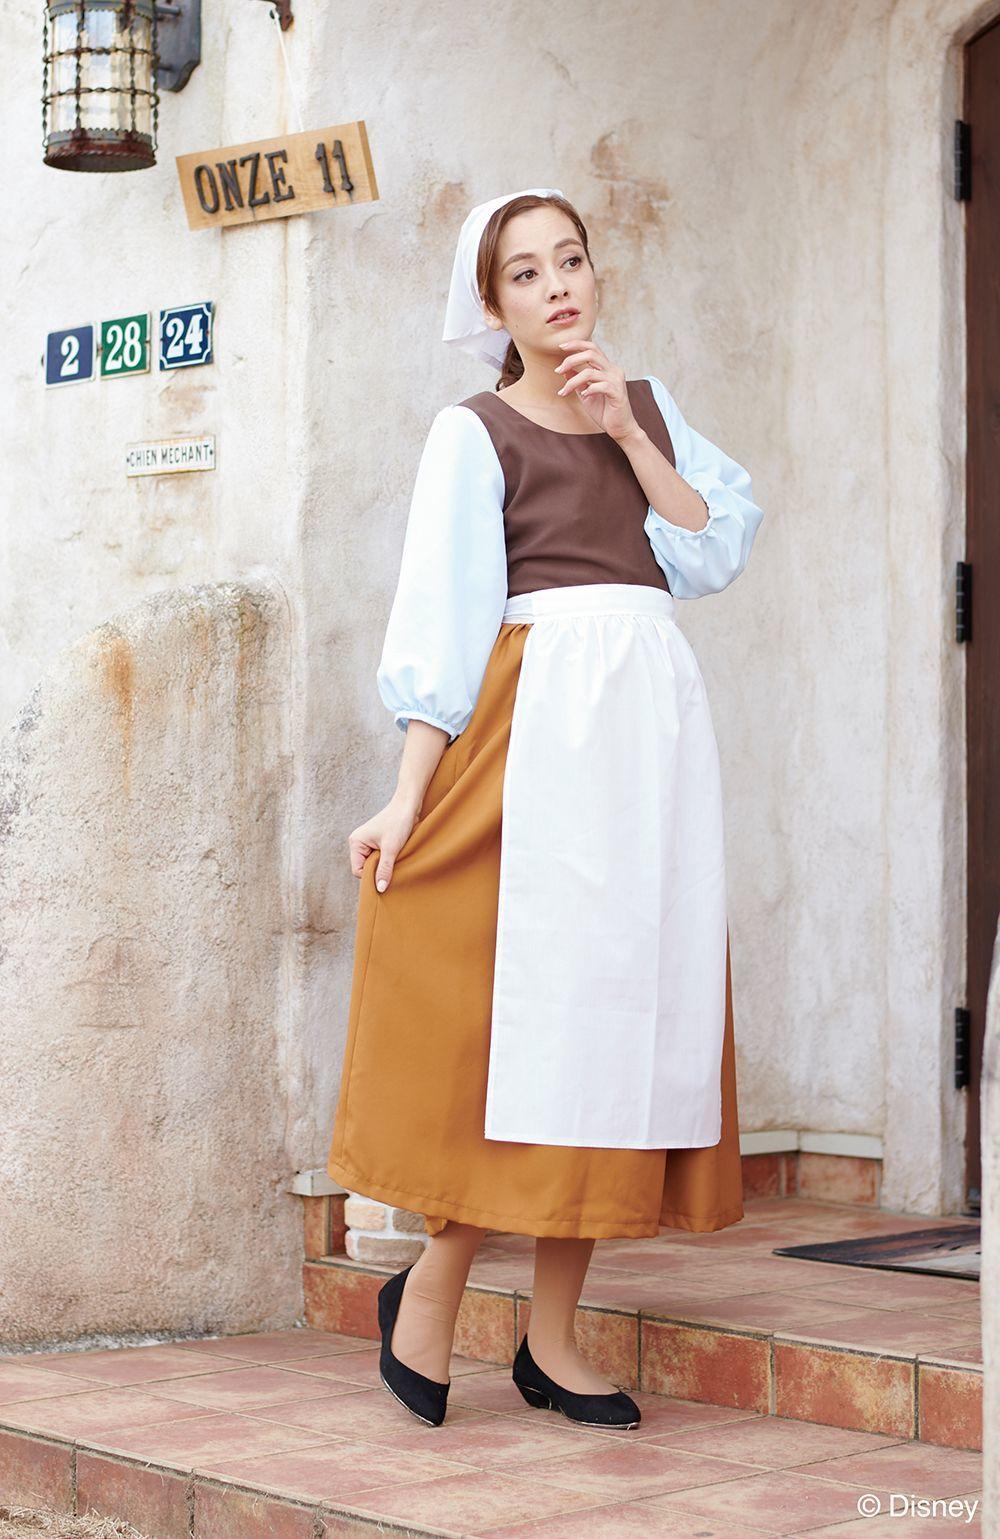 大人用シンデレラ :灰をかぶって家事をしていたころのシンデレラの衣装デザインです。背中のチャックを開きスカート下からすっぽりとかぶり着用します。